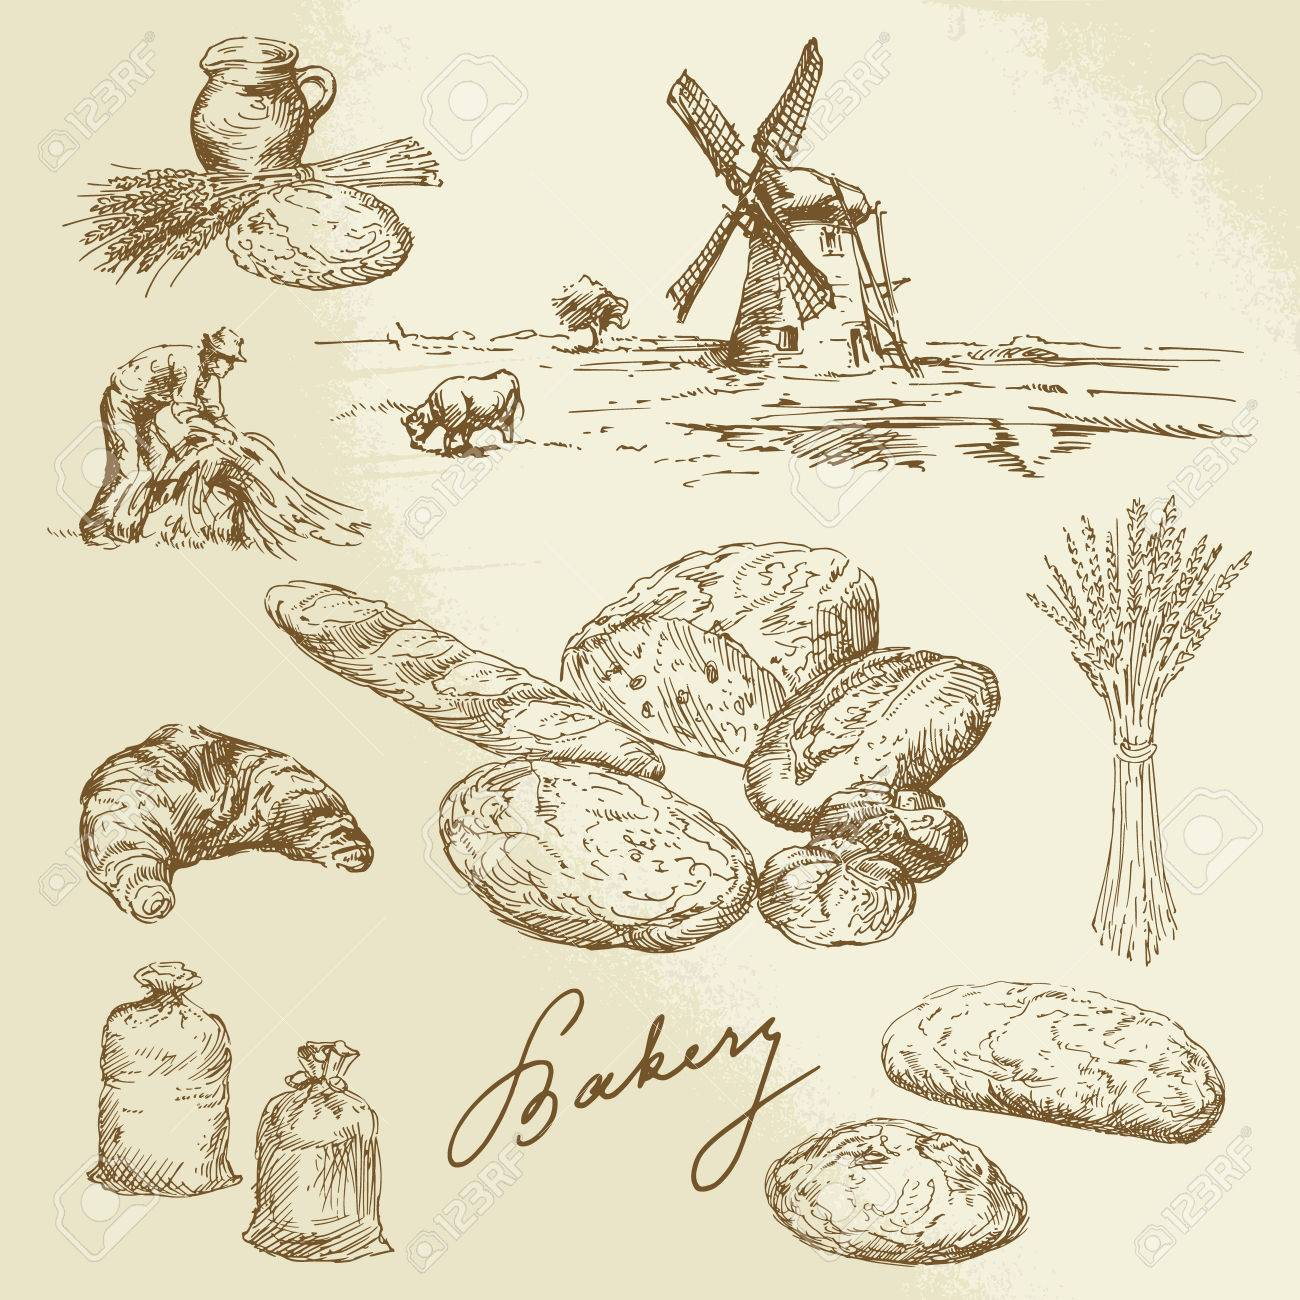 Bäckerei, ländliche Landschaft, Brot - Hand gezeichnet Set Standard-Bild - 24058163